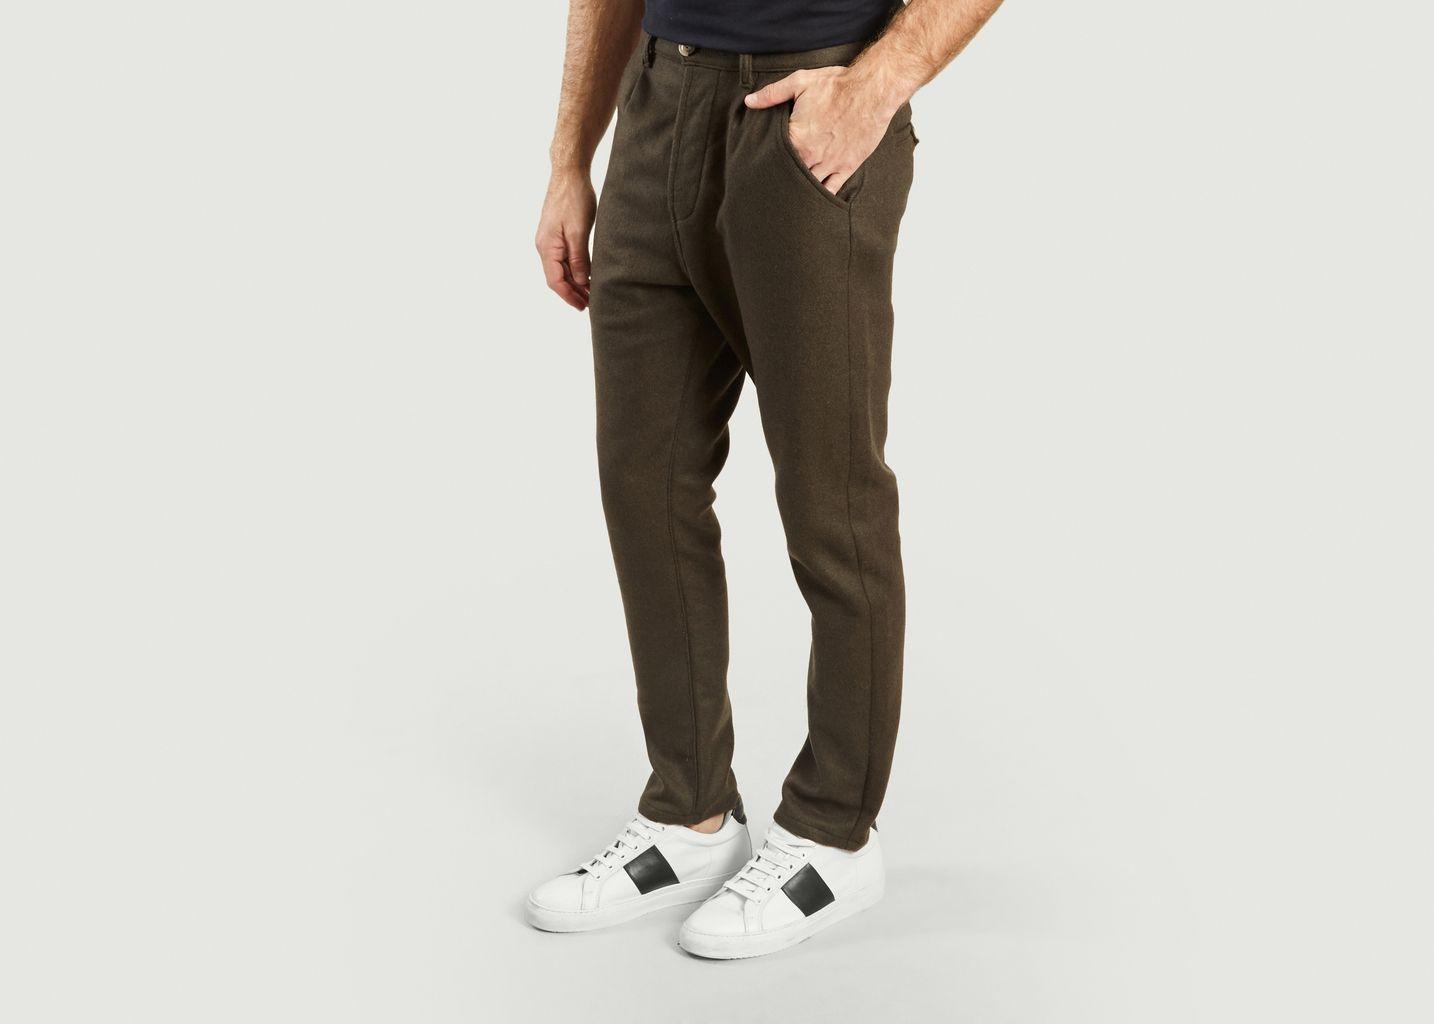 Pantalon New Jump en Moleskine - Bleu de Paname